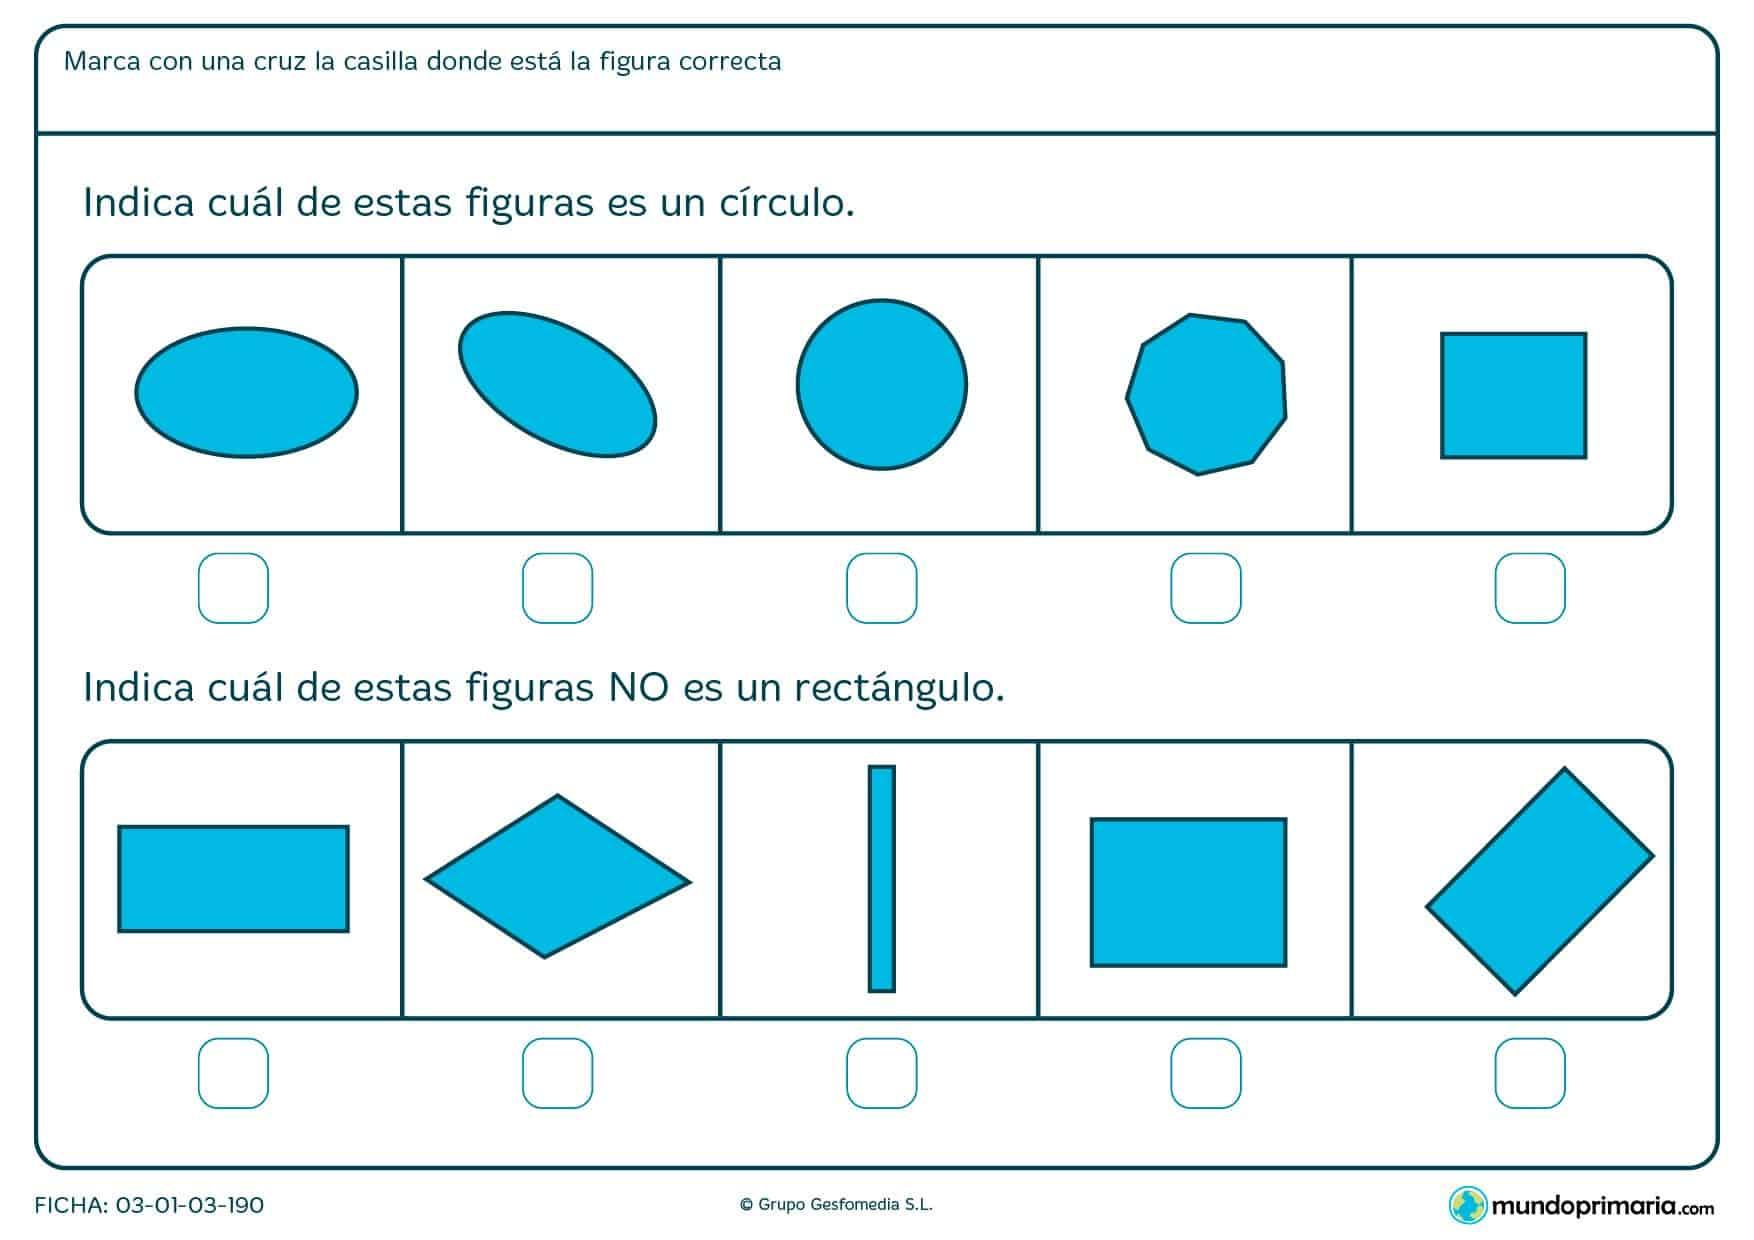 Ficha de rectángulos para poder comprender conceptos de primaria mediante actividades